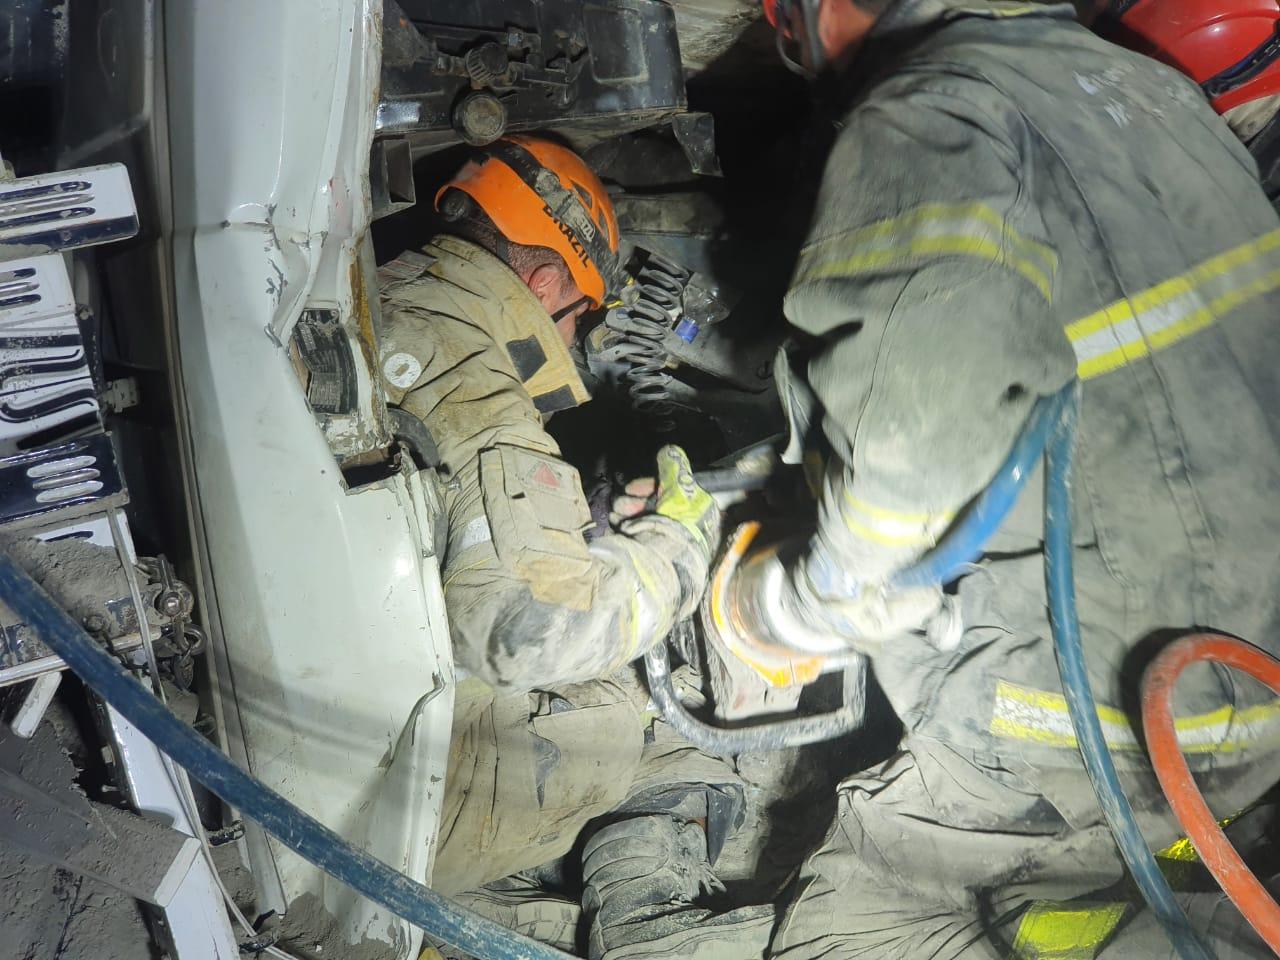 Bebê de dois meses morre após caminhão capotar em Belo Horizonte - Foto: Divulgação/Corpo de Bombeiros